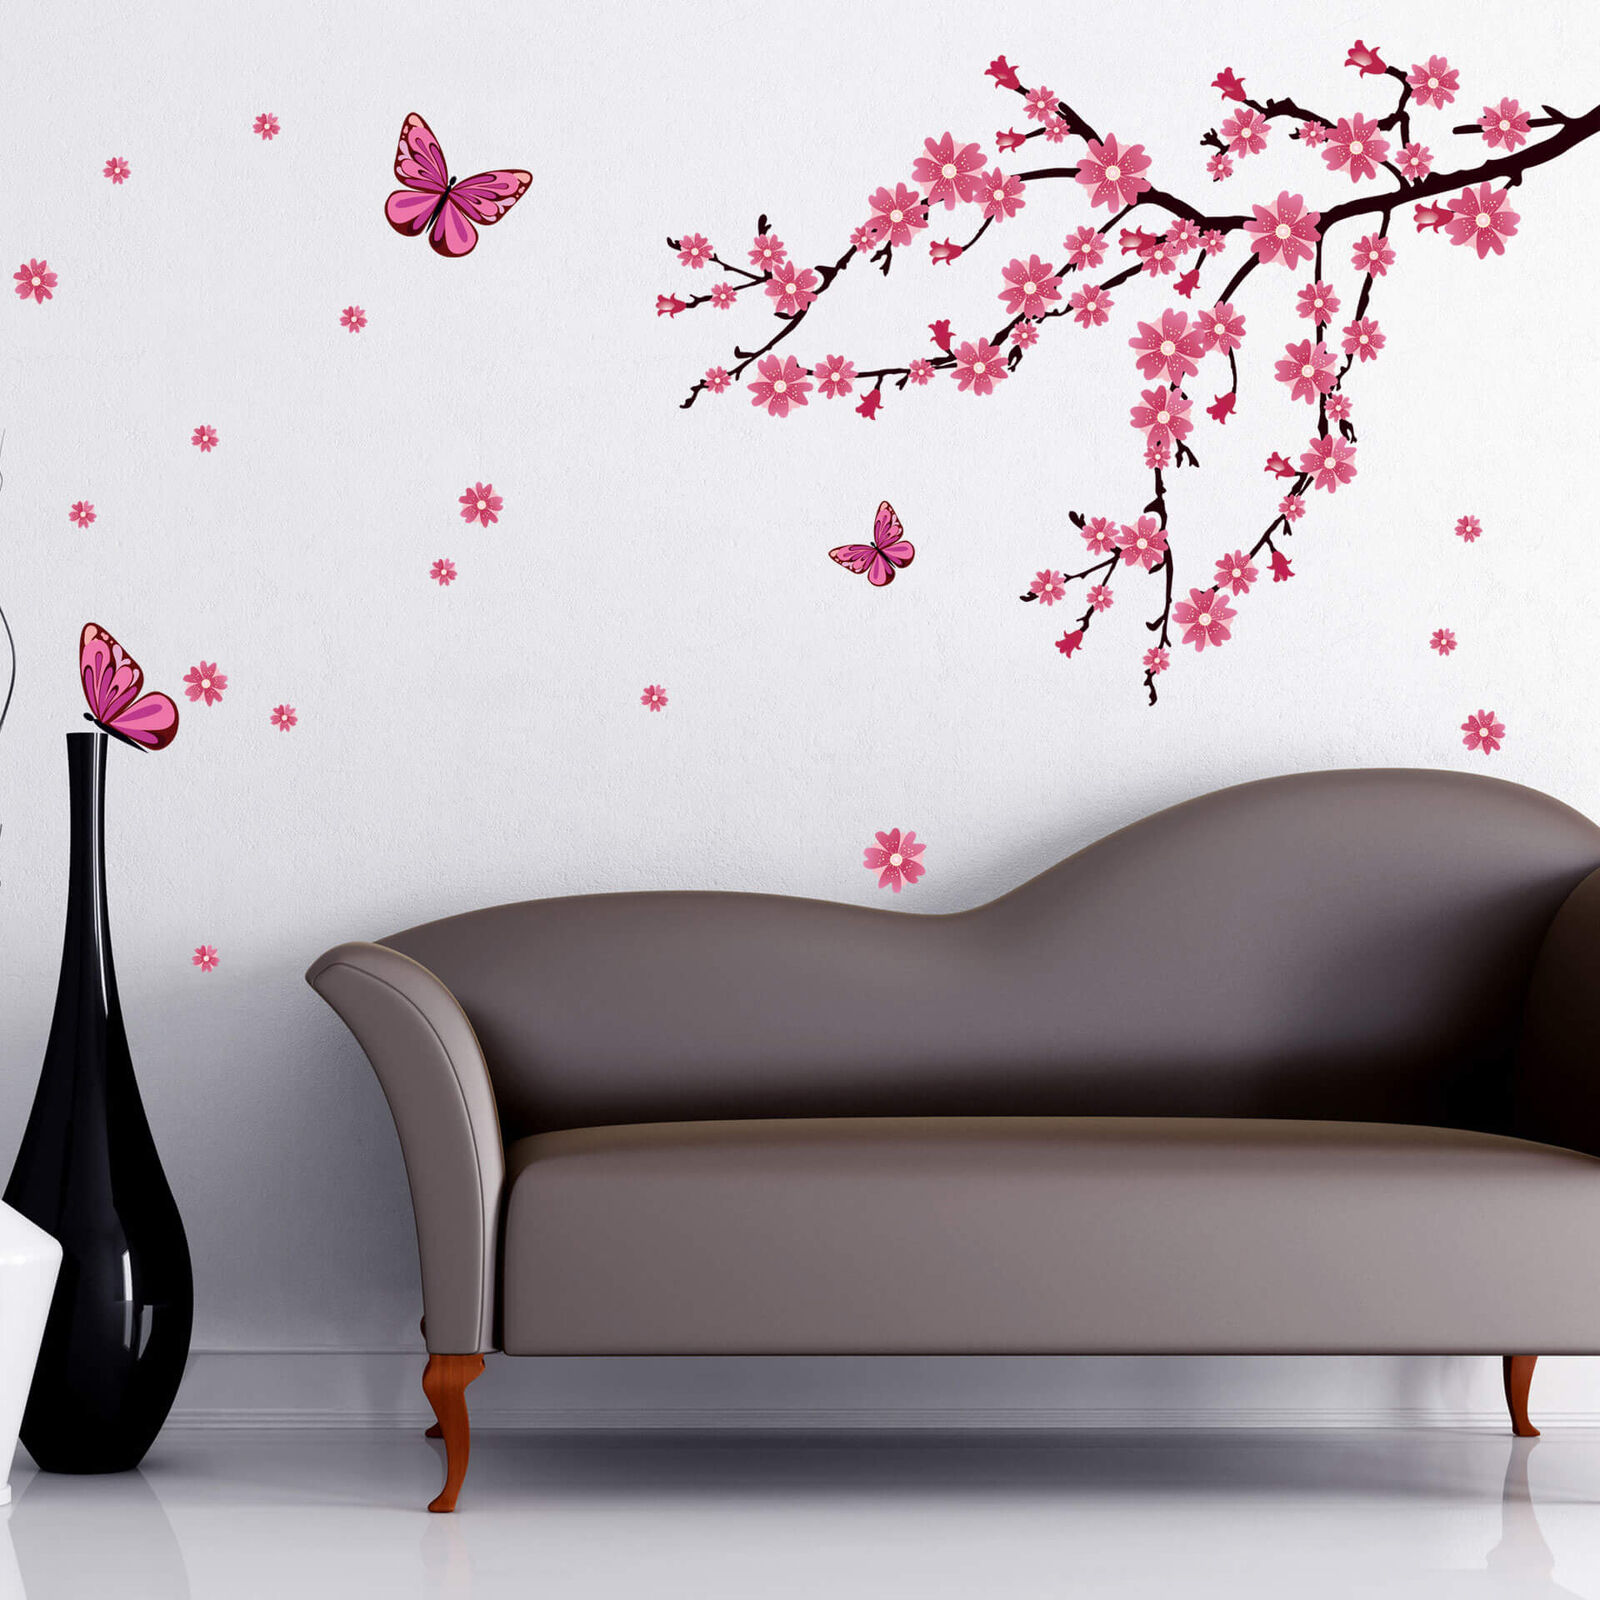 Wandtattoo Kirschblüten mit Schmetterlingen Wandbild Wandaufkleber Wandfolie